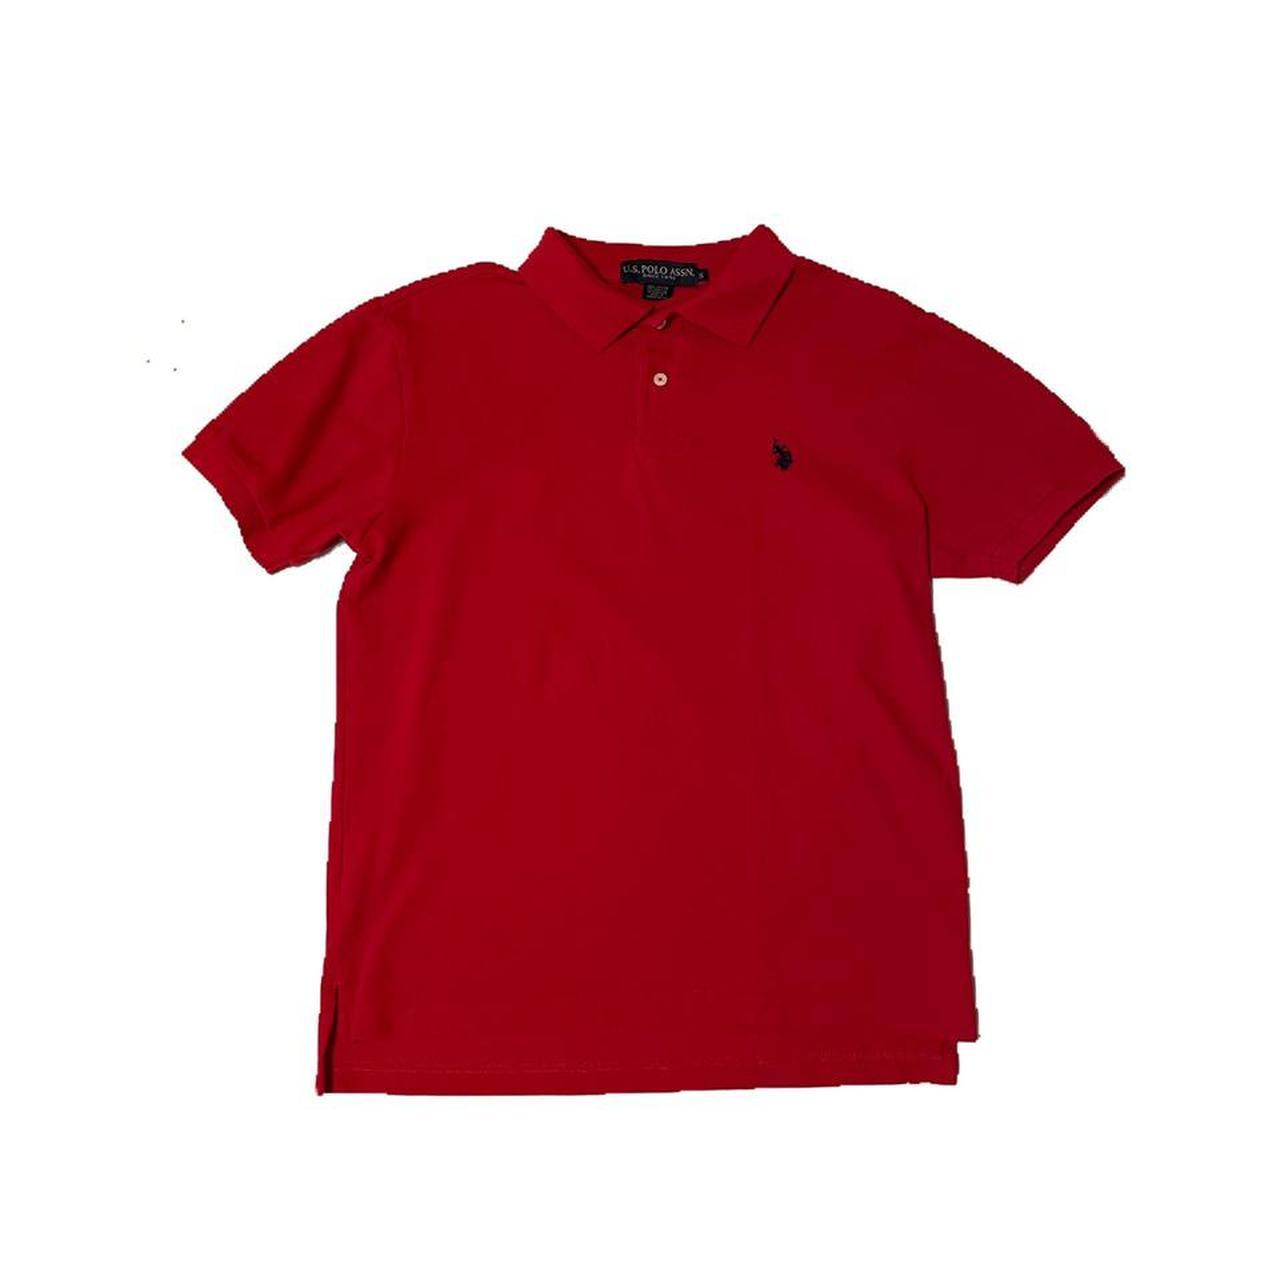 Product Image 1 - U.S Polo assn. dress tee